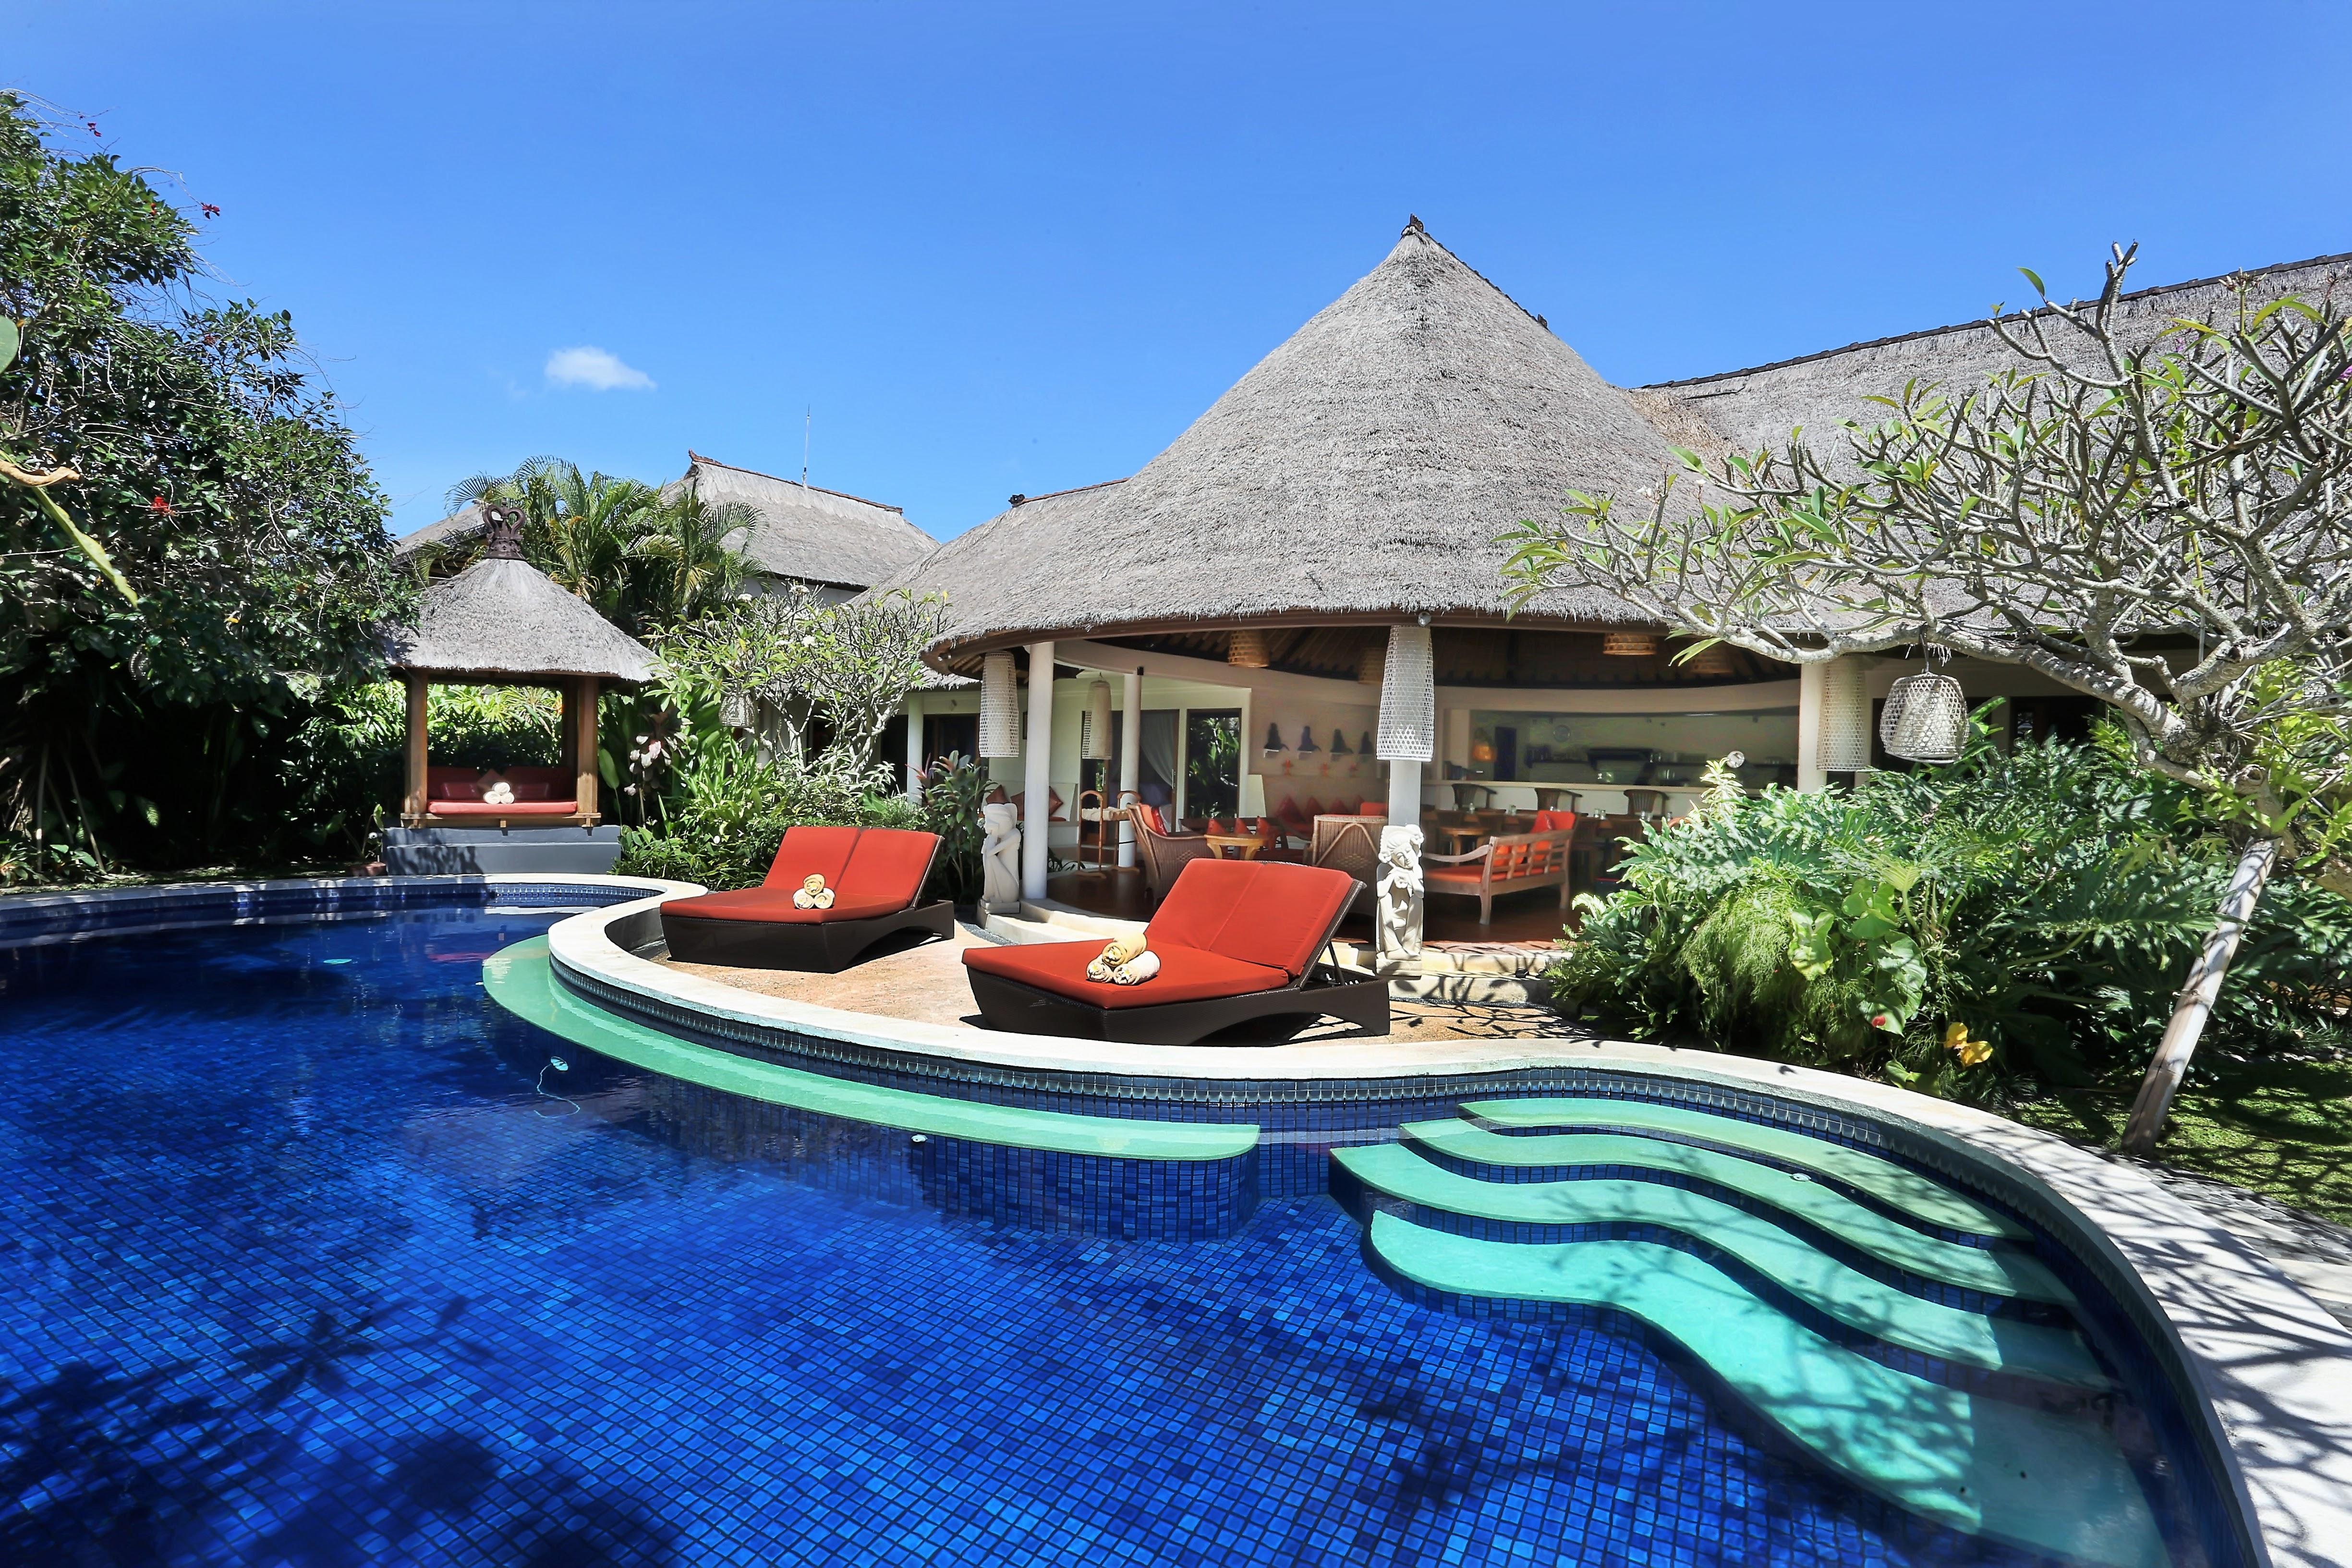 5 Bedroom Spacious Villa Private Pool Seminyak Villas For Rent In Seminyak Bali Indonesia